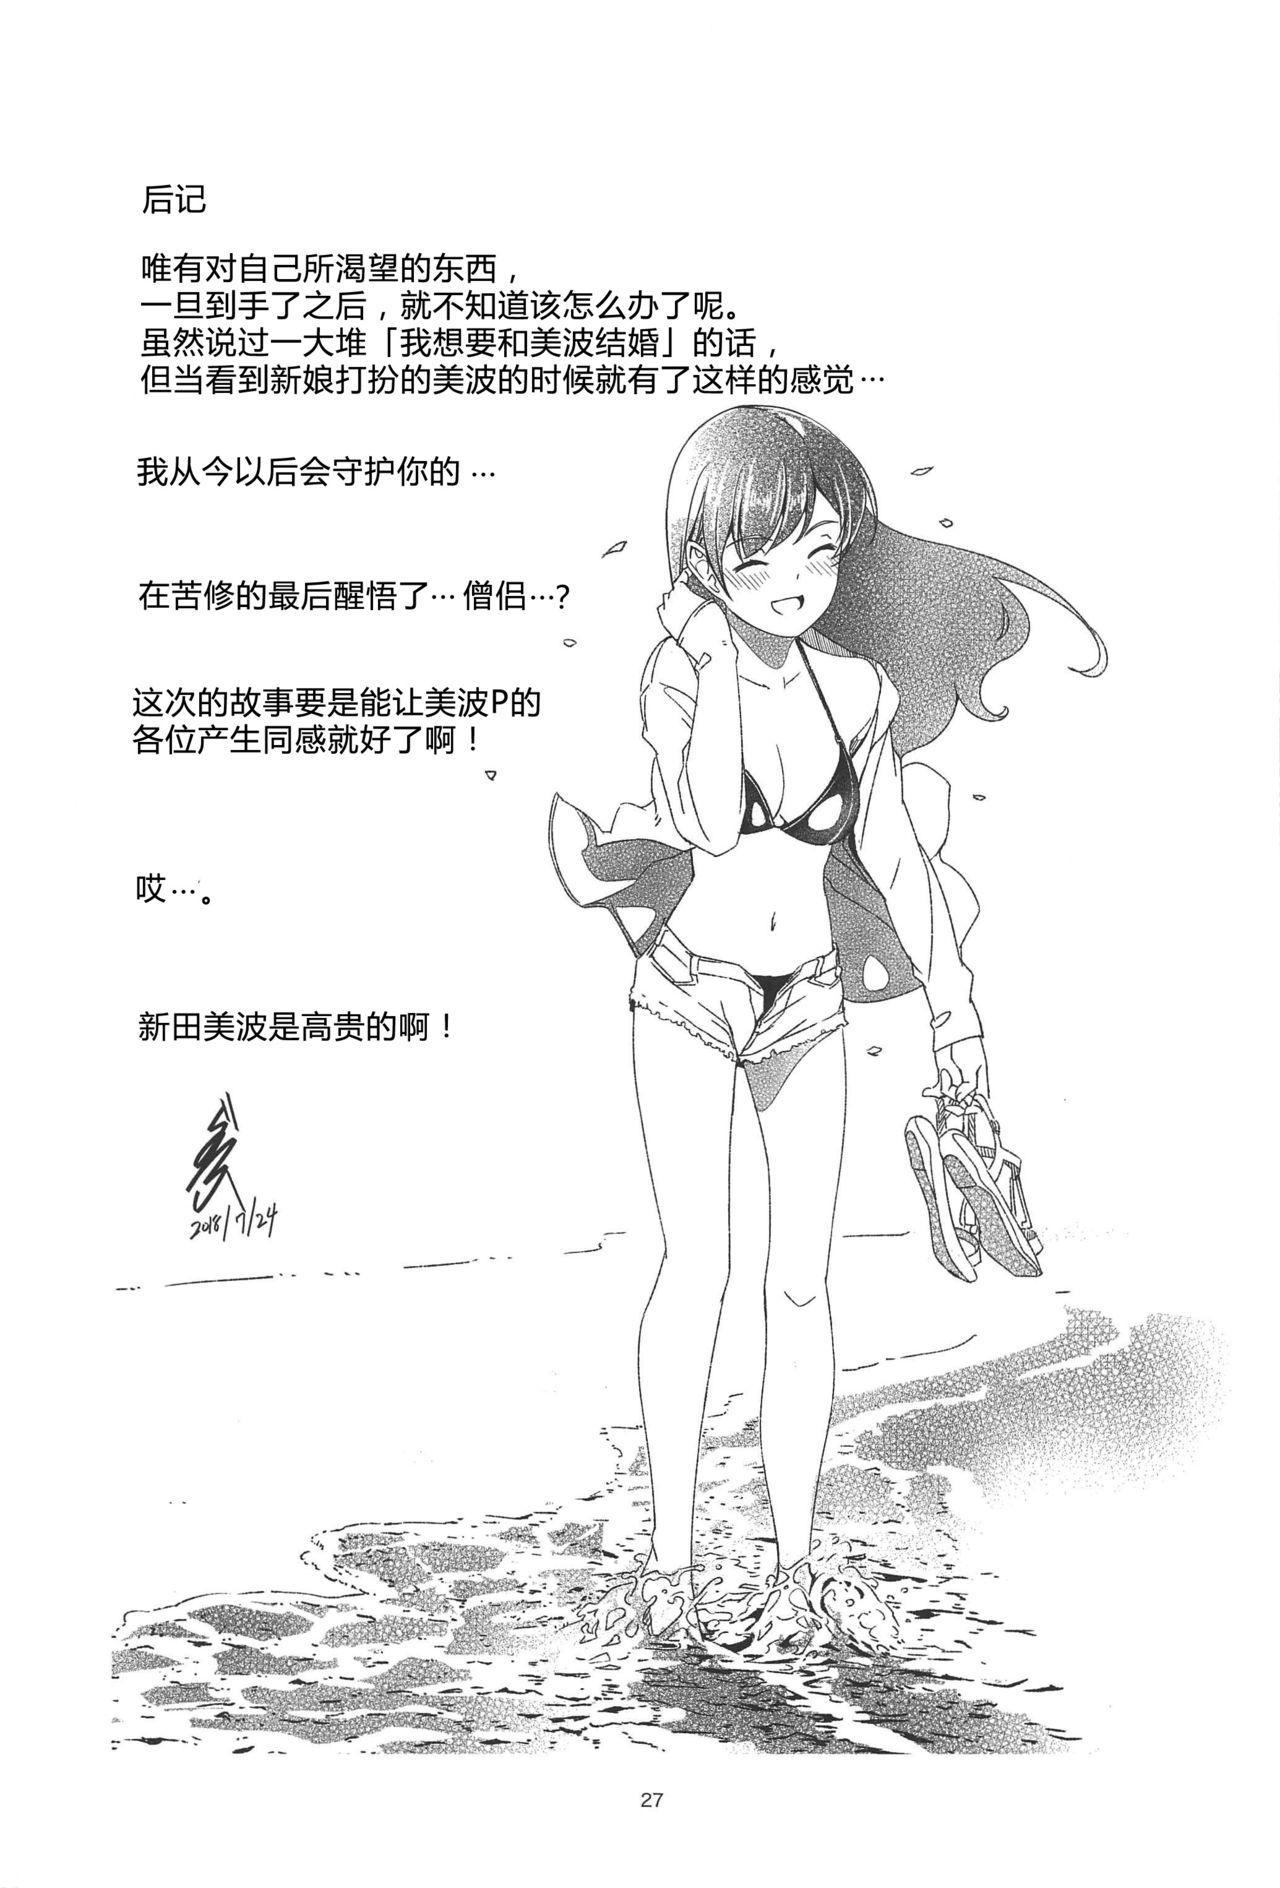 Nagisa no Hanayome 31